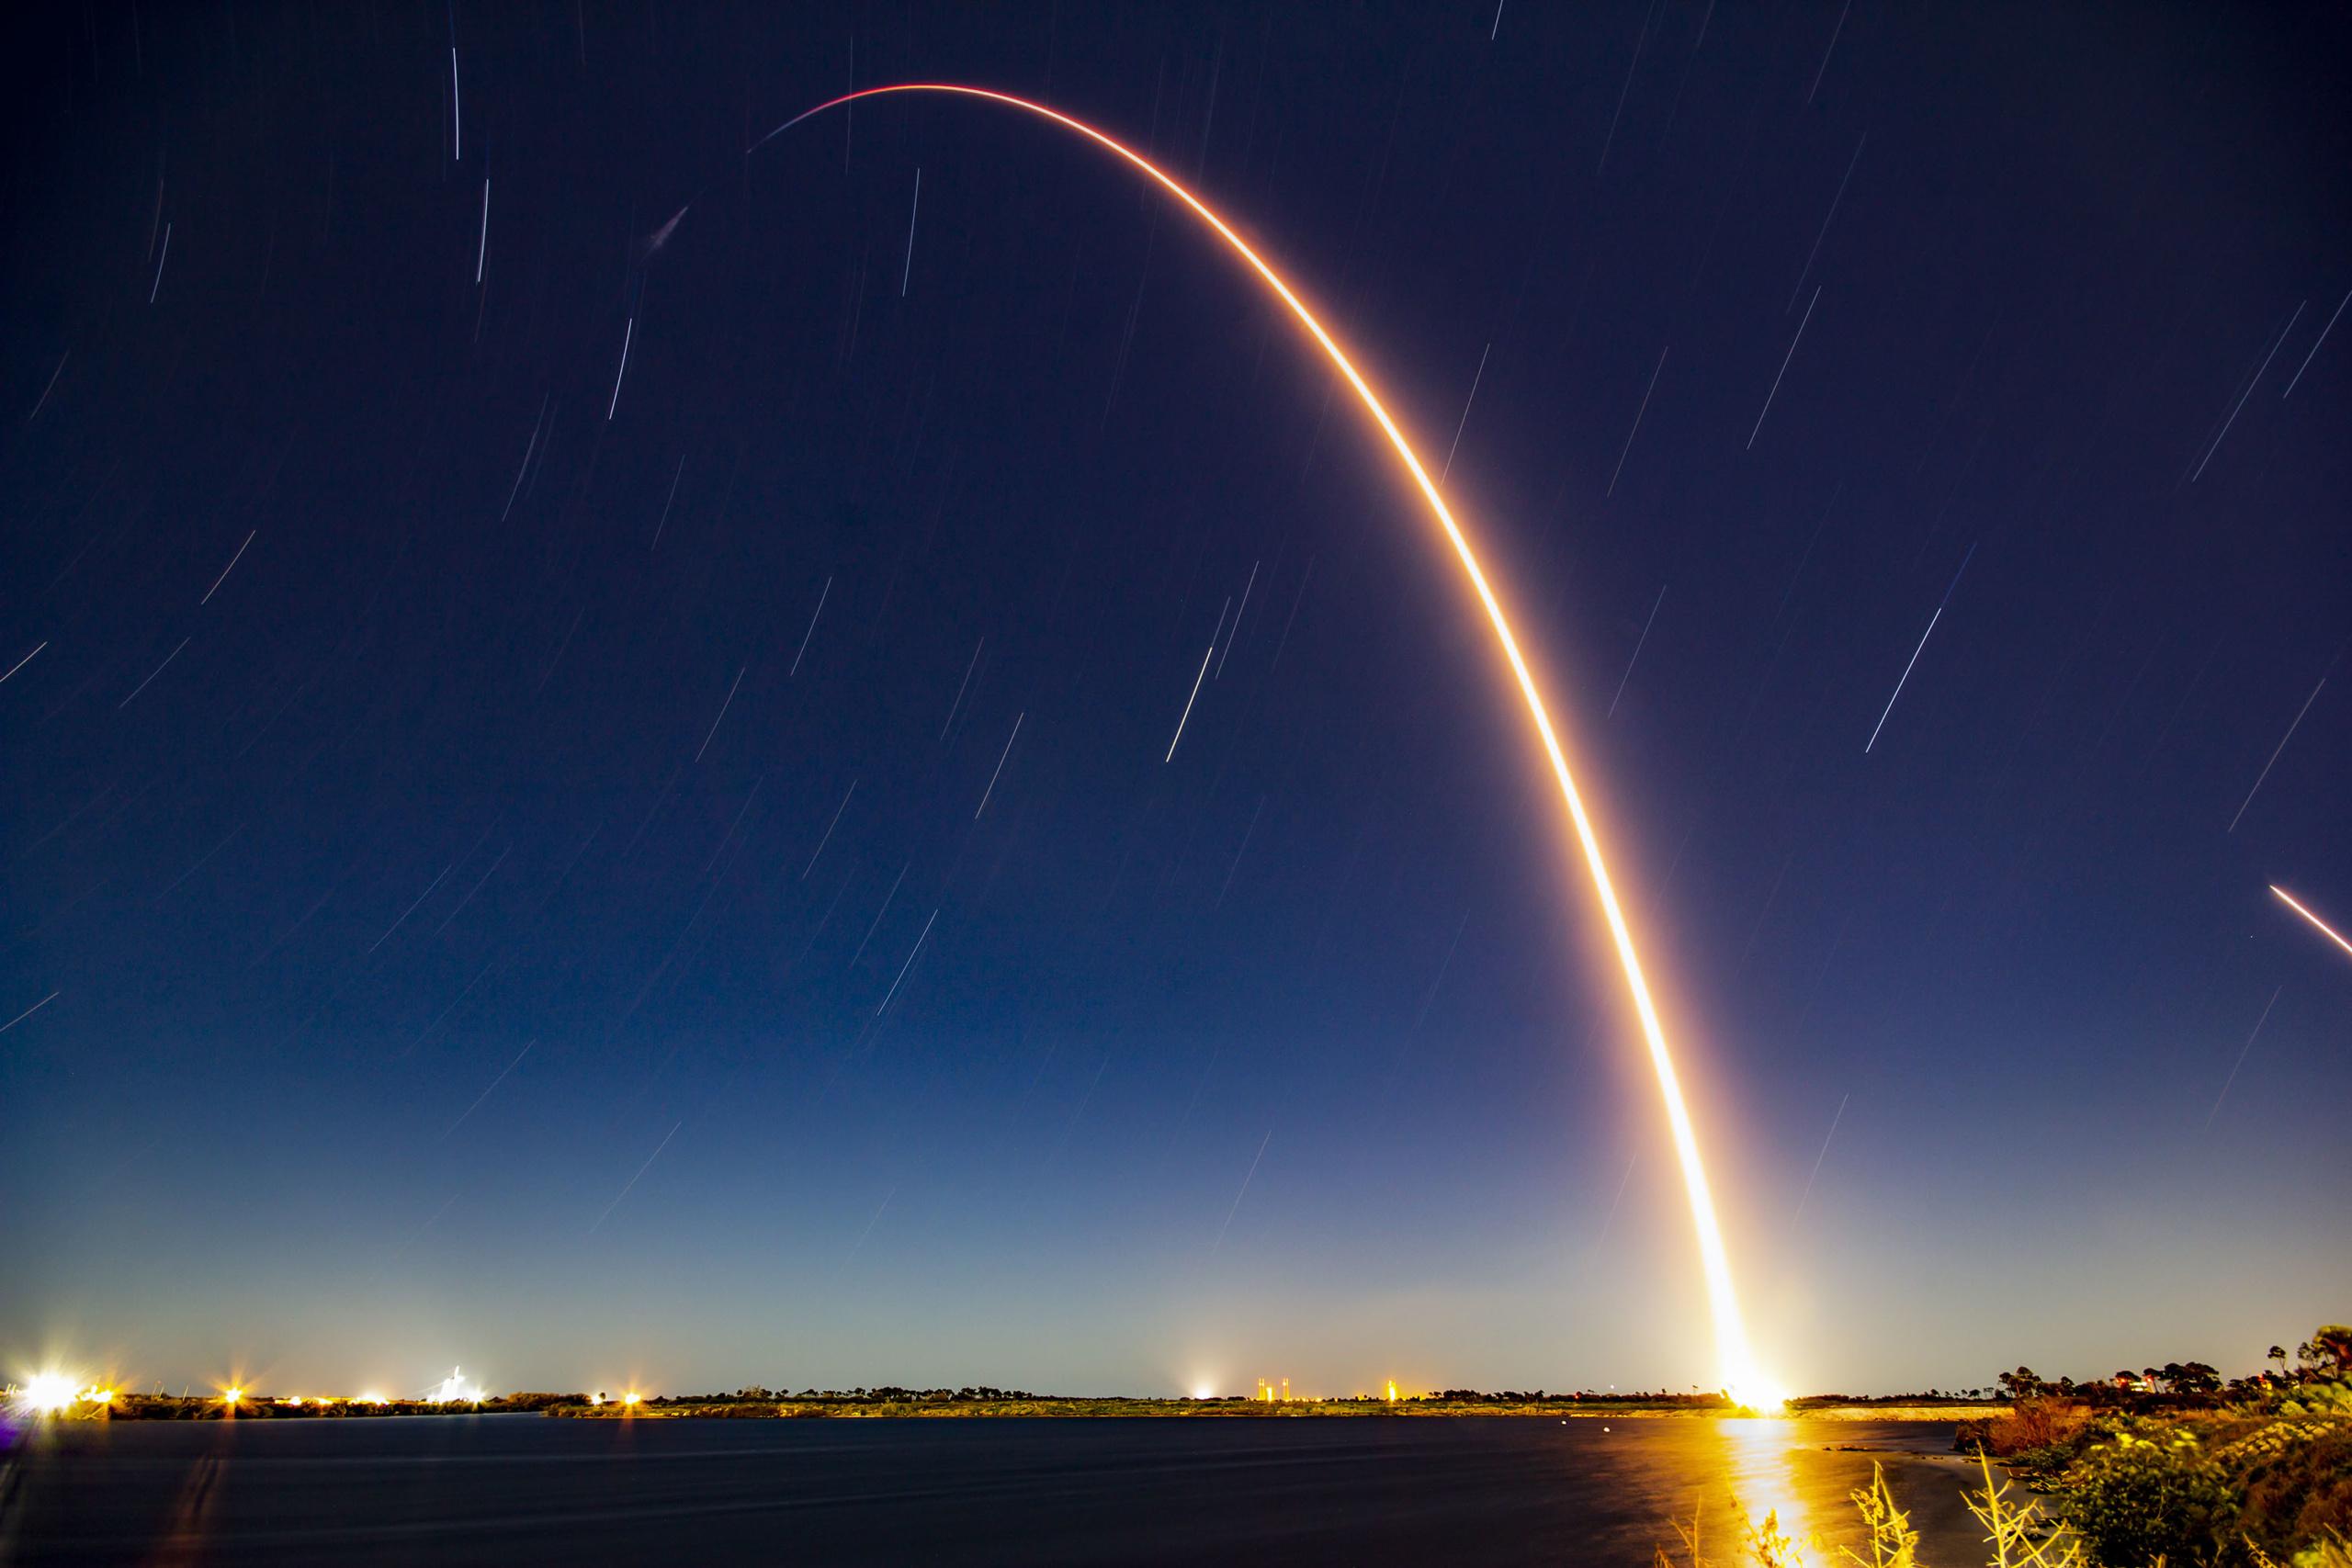 SpaceX в 50-й раз вернула первую ступень Falcon 9 в рамках последнего  запуска грузового корабля Dragon первого поколения с 20-й миссией снабжения МКС - ITC.ua